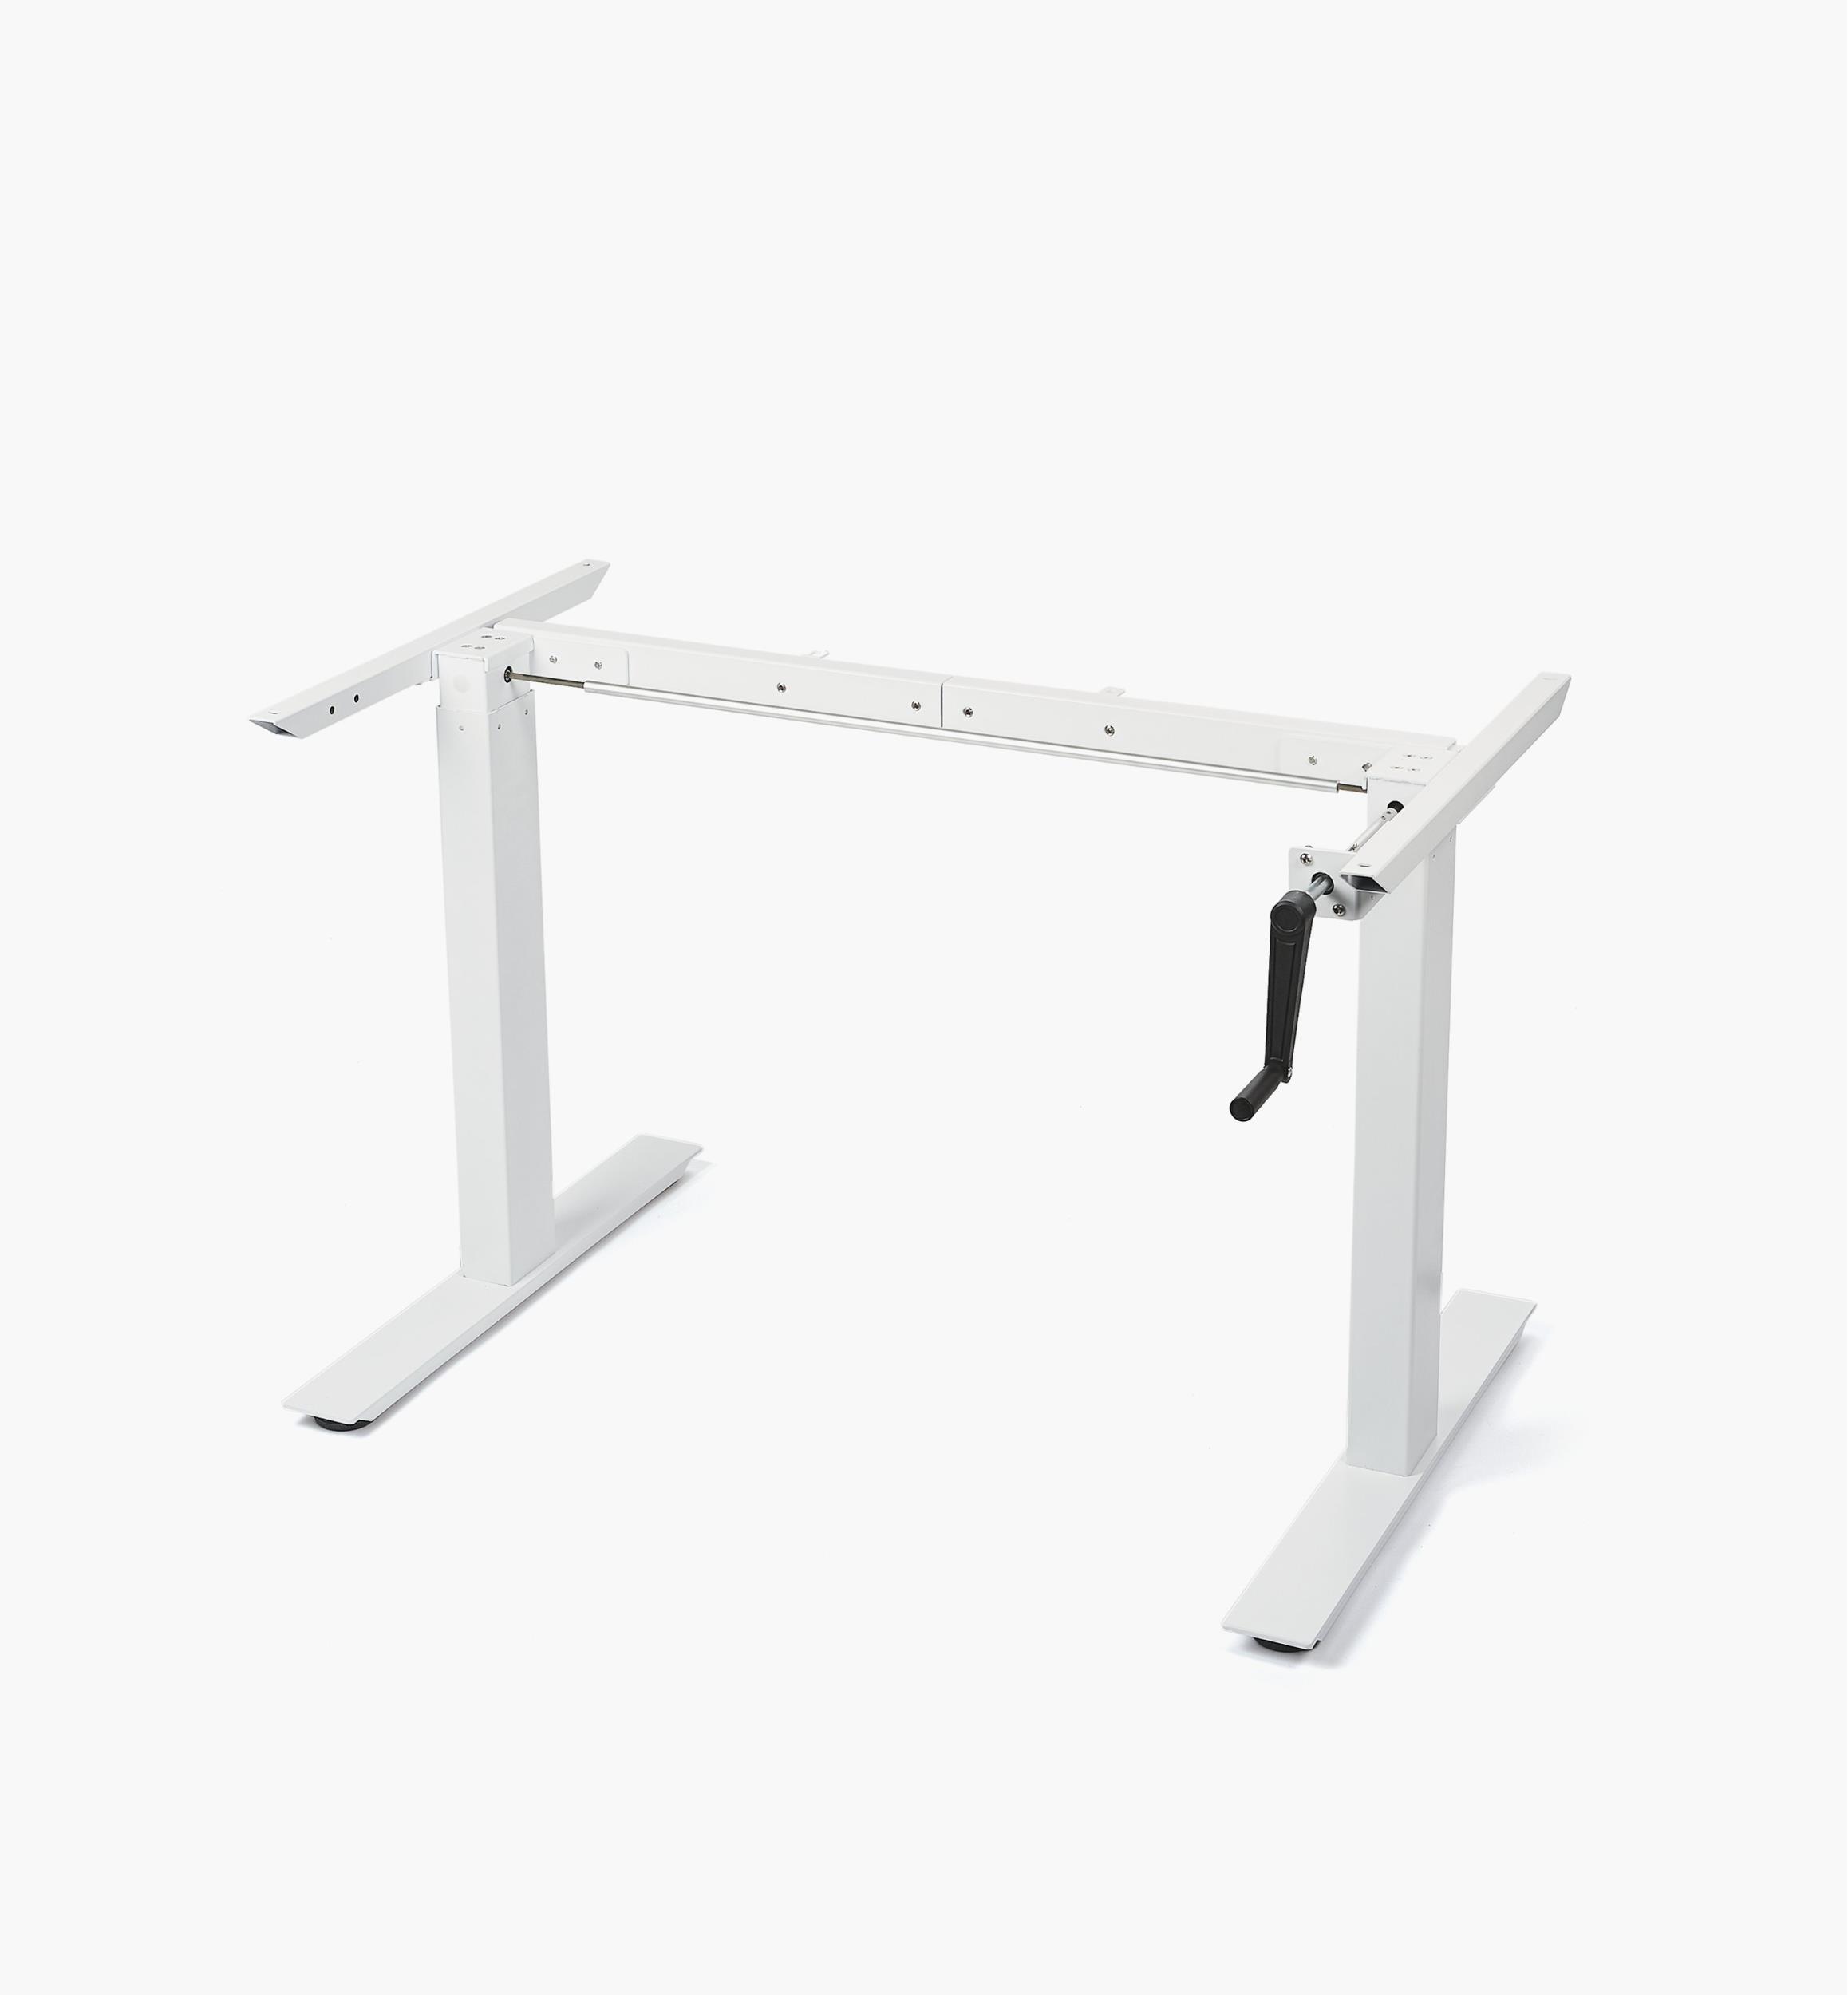 Piètement de table réglable en hauteur